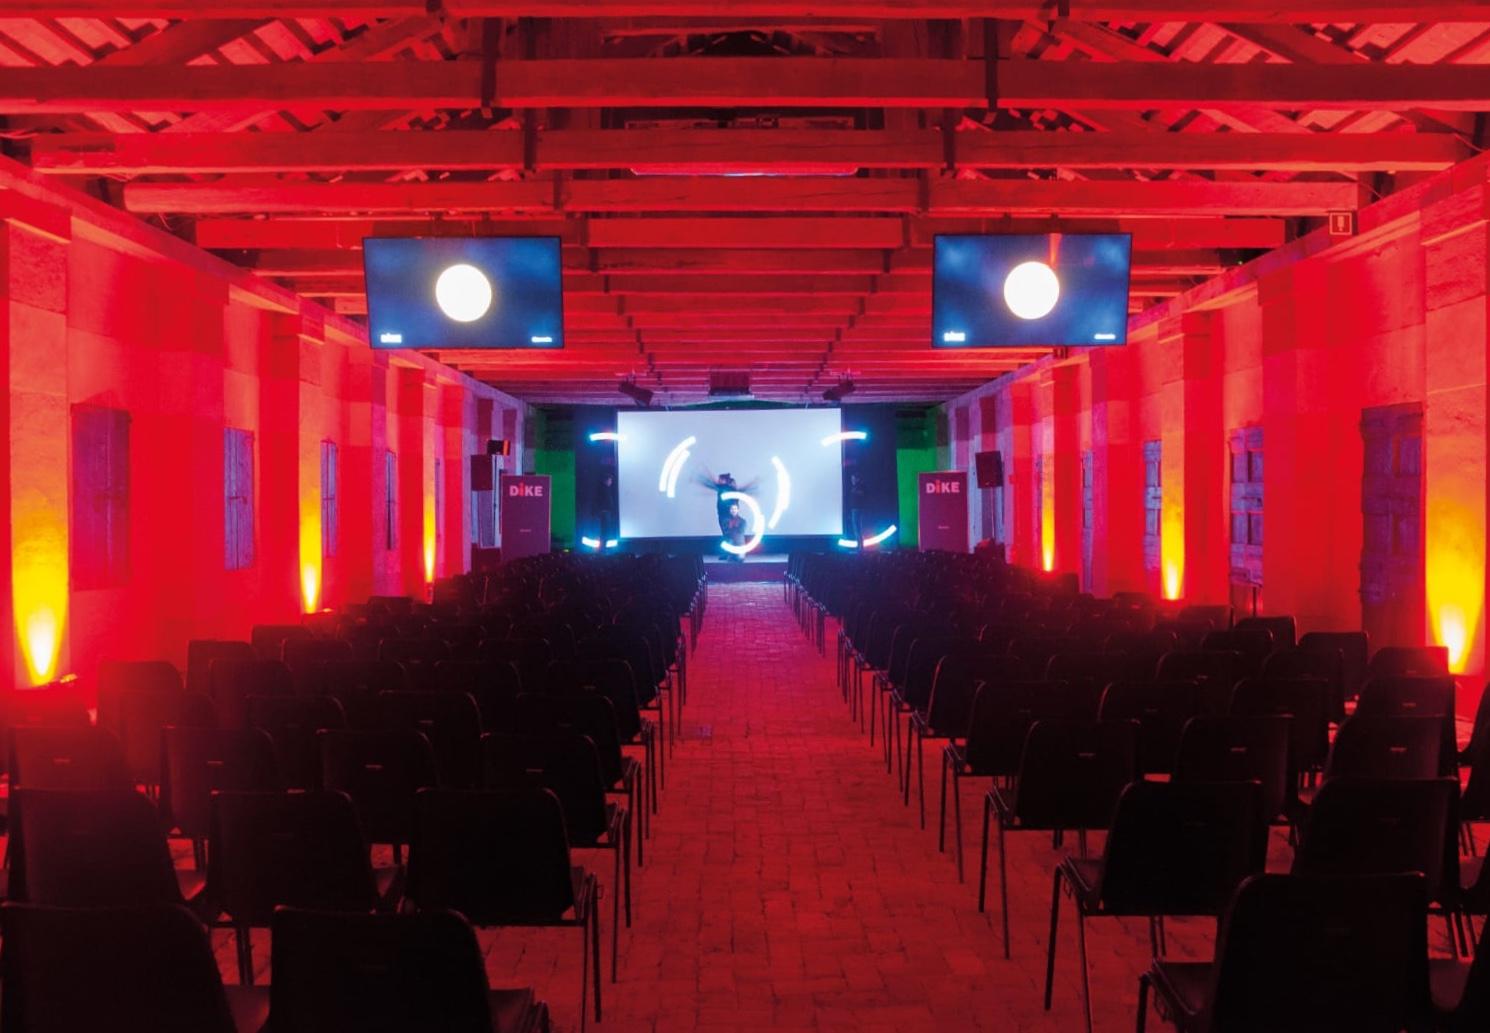 Service luci padova noleggio impianti luci per eventi